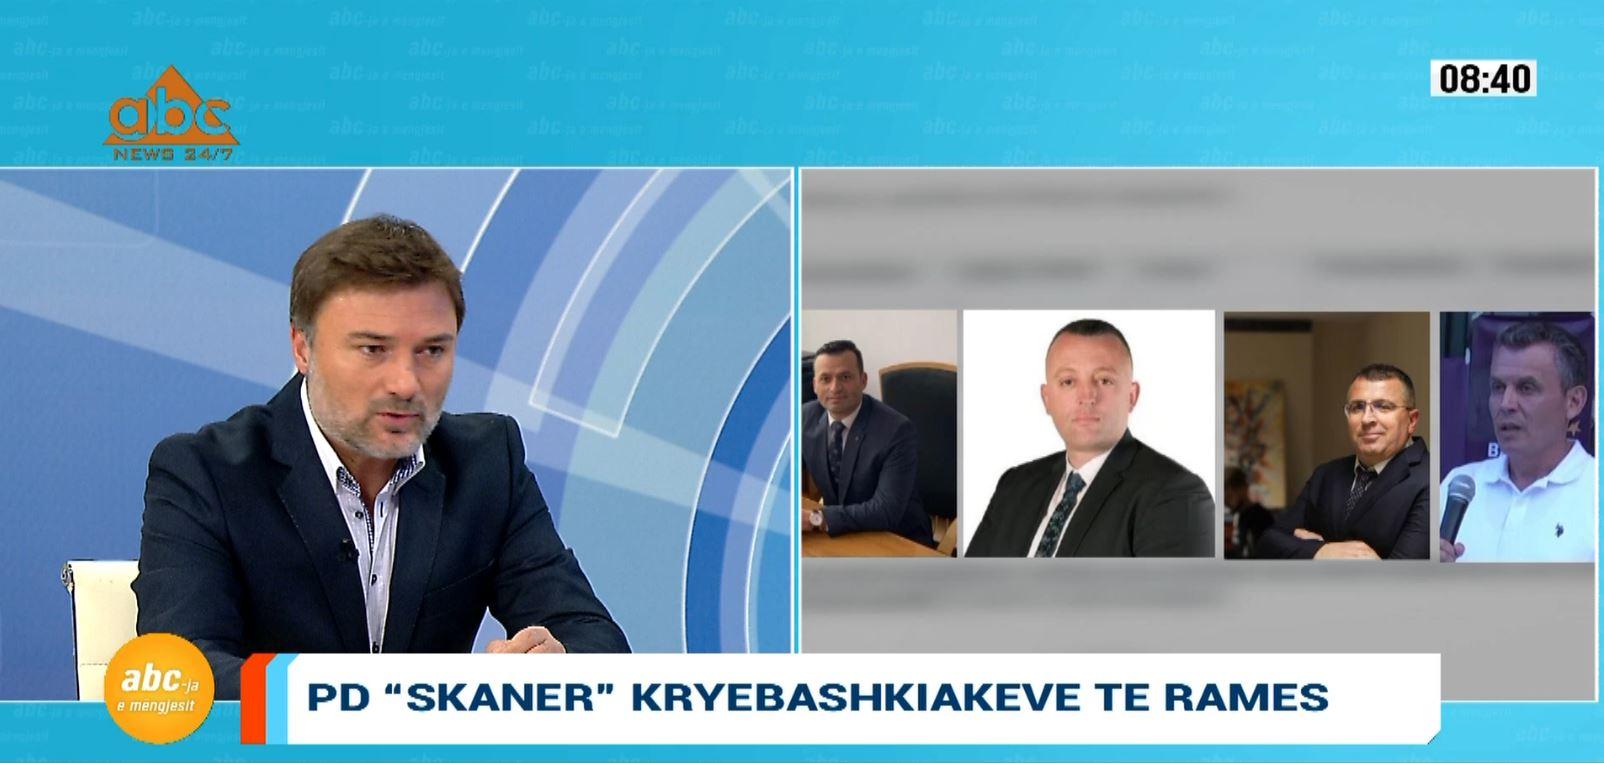 PD skanon kryebashkiakët, Alibeaj: Qerim Ismailaj ka shkuar në Greqi dhe ka tërhequr dosjen